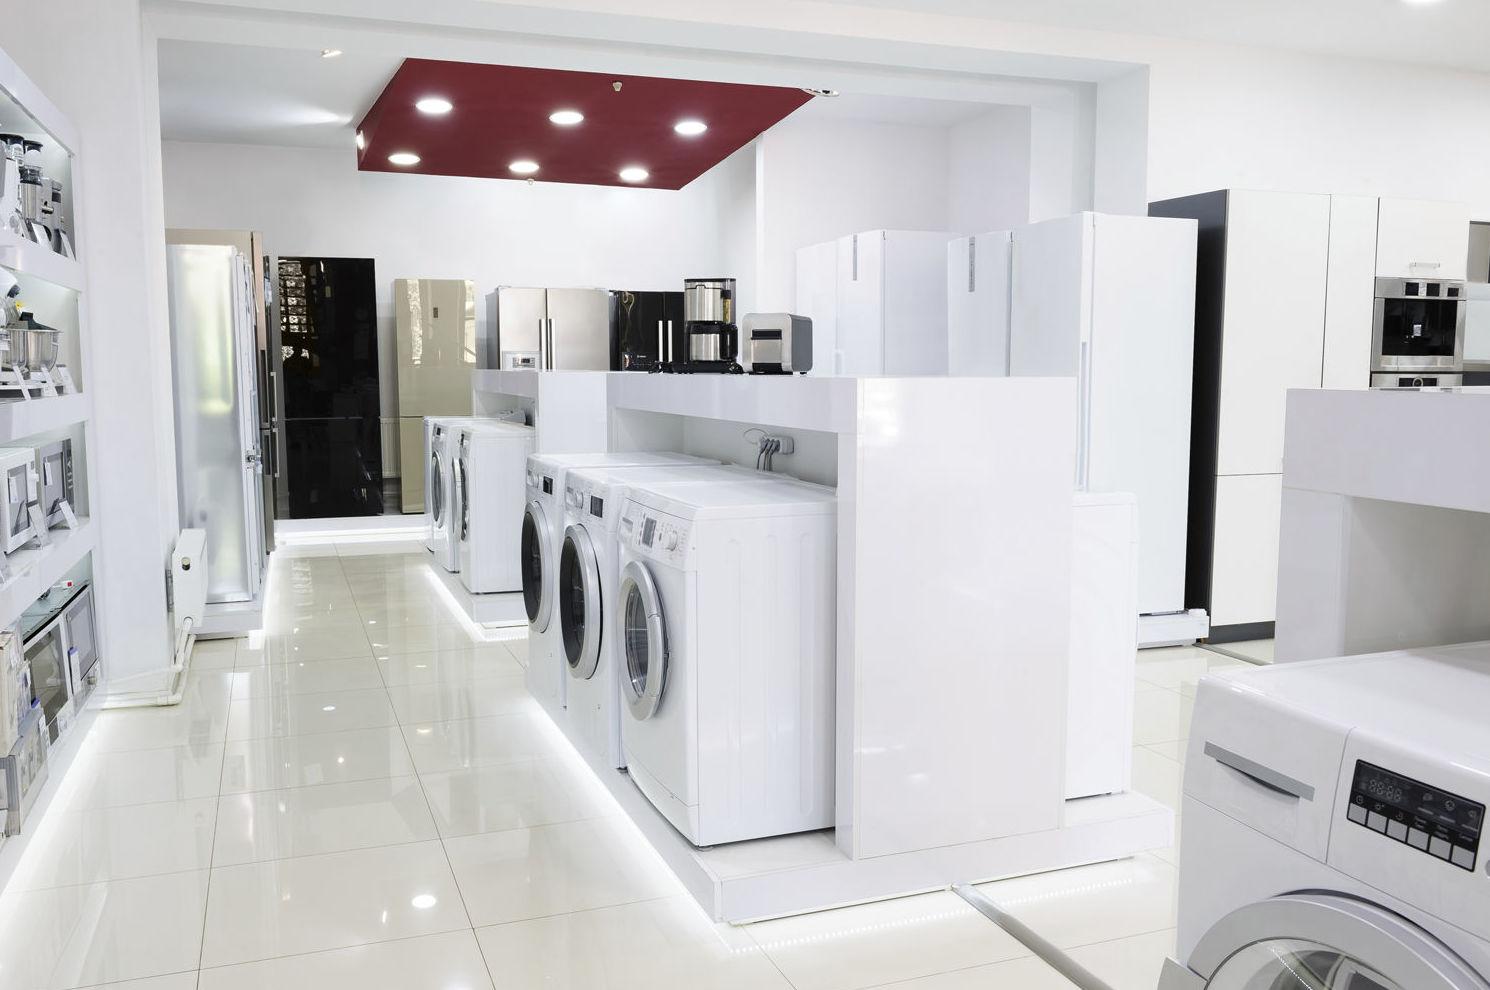 Venta de lavadoras en Sevilla